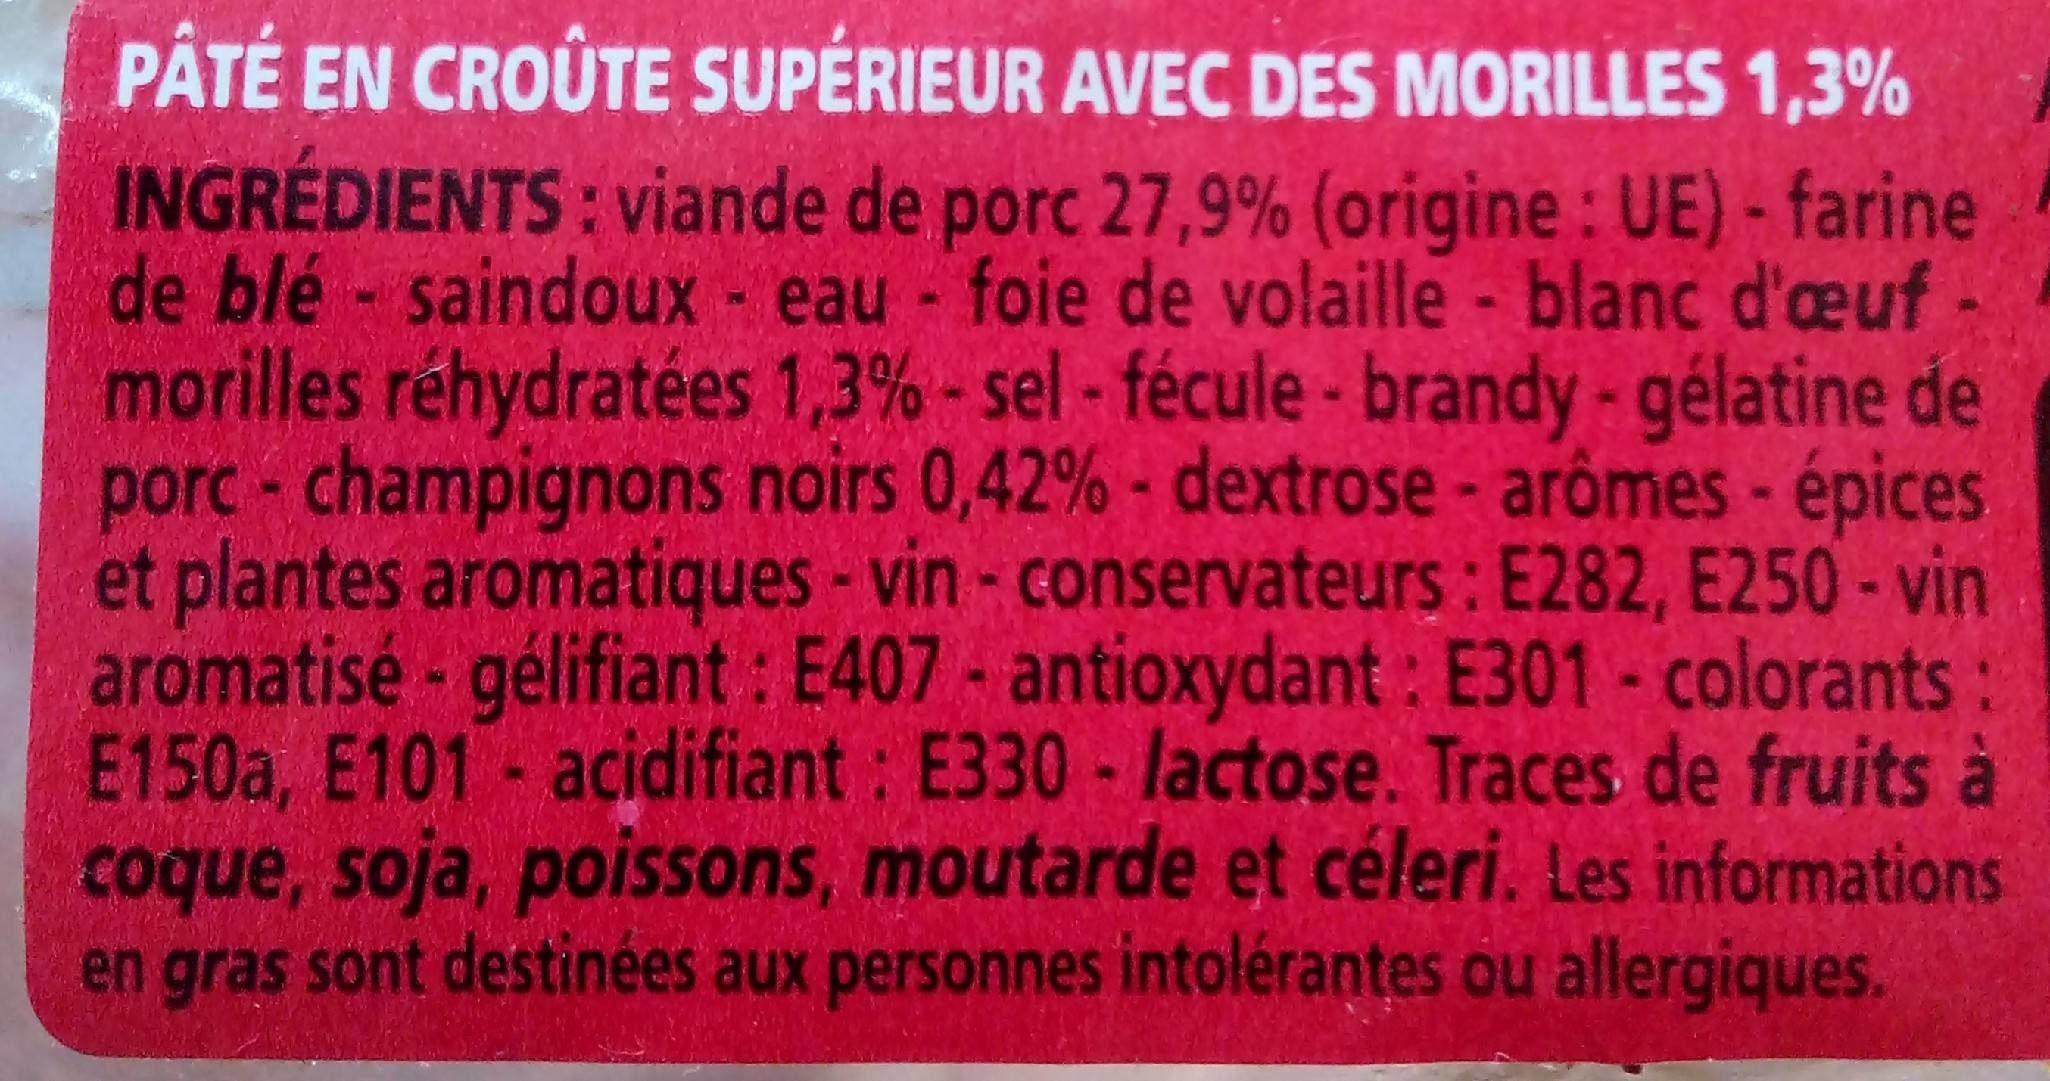 Pâté en croûte supérieur avec des morilles 1,3 %, pâte saindoux - Ingredienti - fr